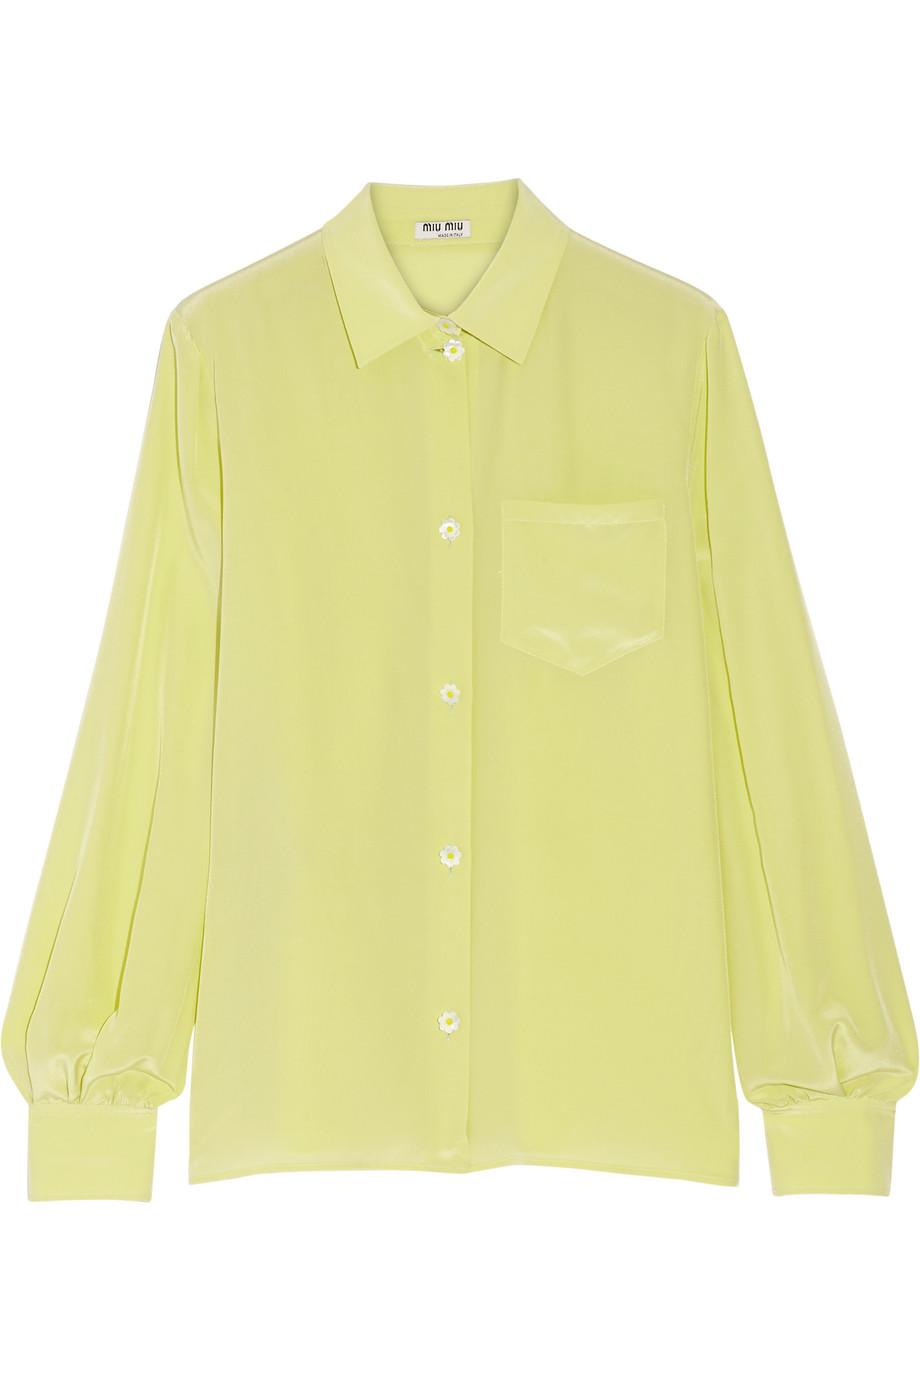 Miu Miu Silk Crepe De Chine Shirt, Chartreuse, Women's, Size: 36